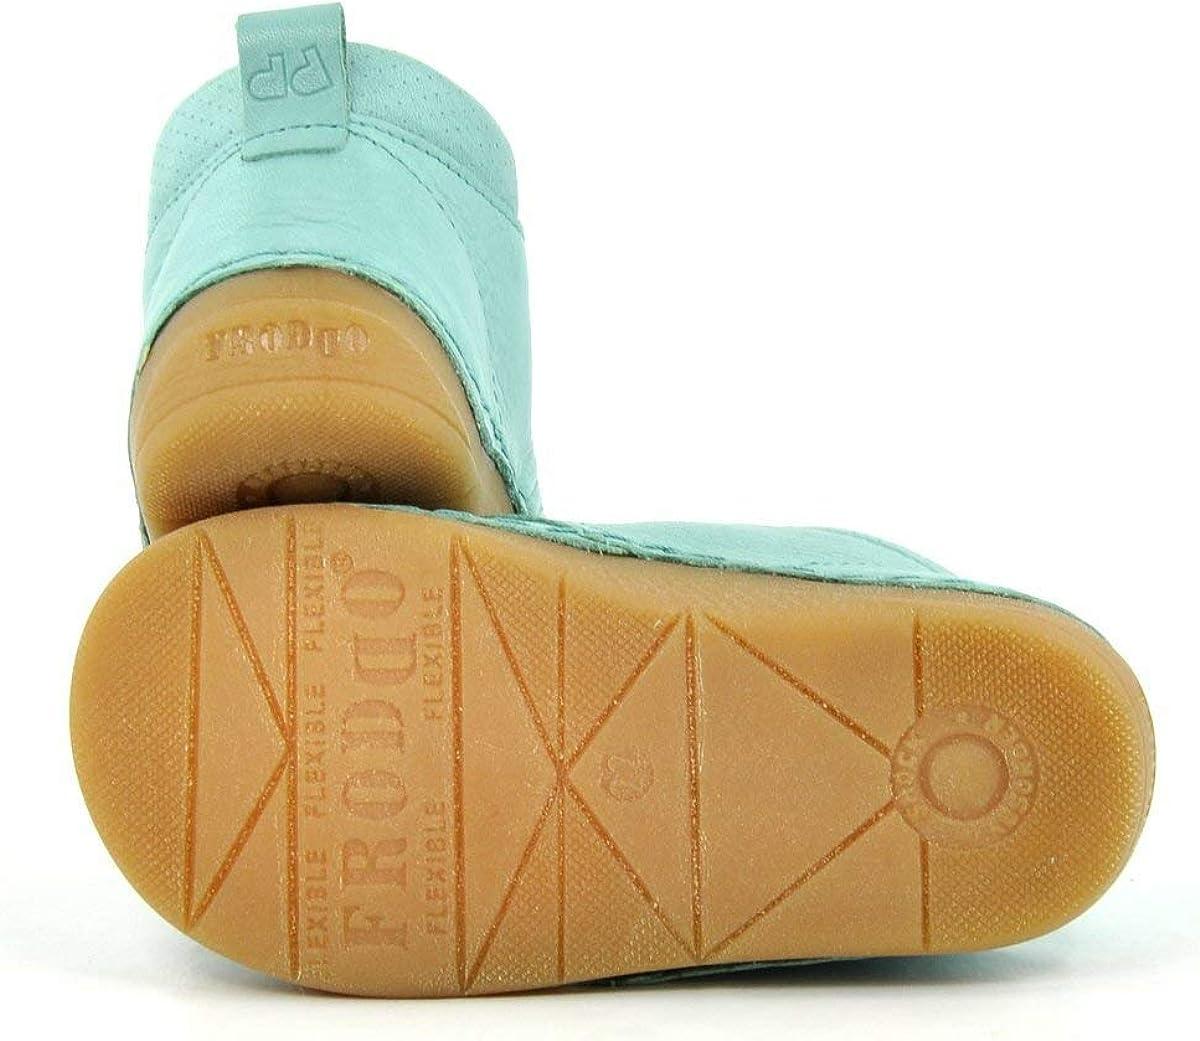 Froddo Unisex Kinder G2130157-12 Kids Shoe Slipper